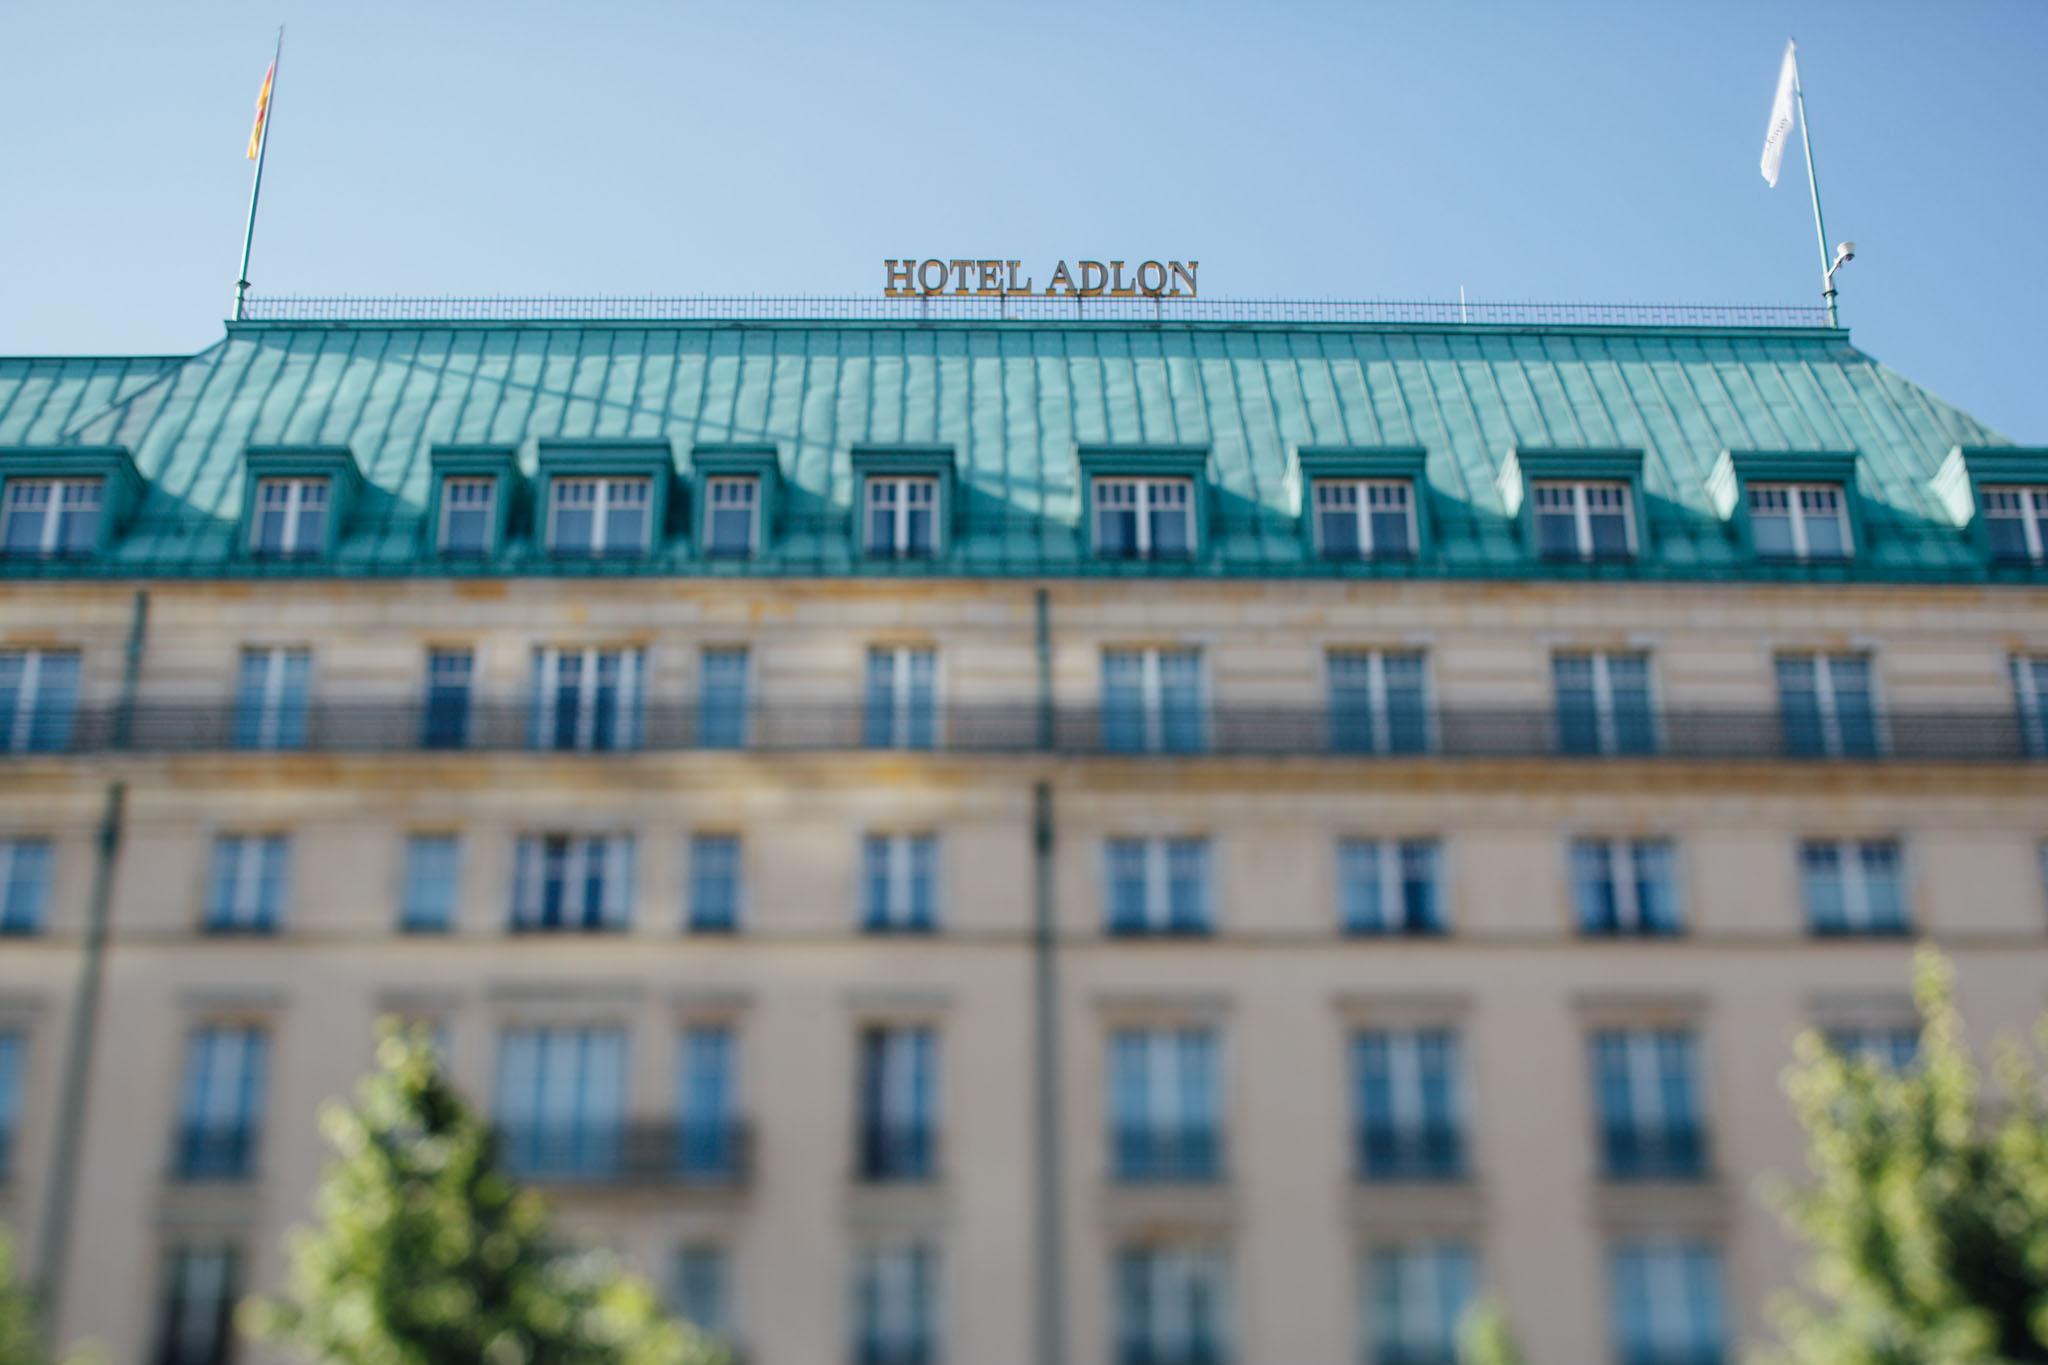 Hotel Adlon Berlin Geschichte